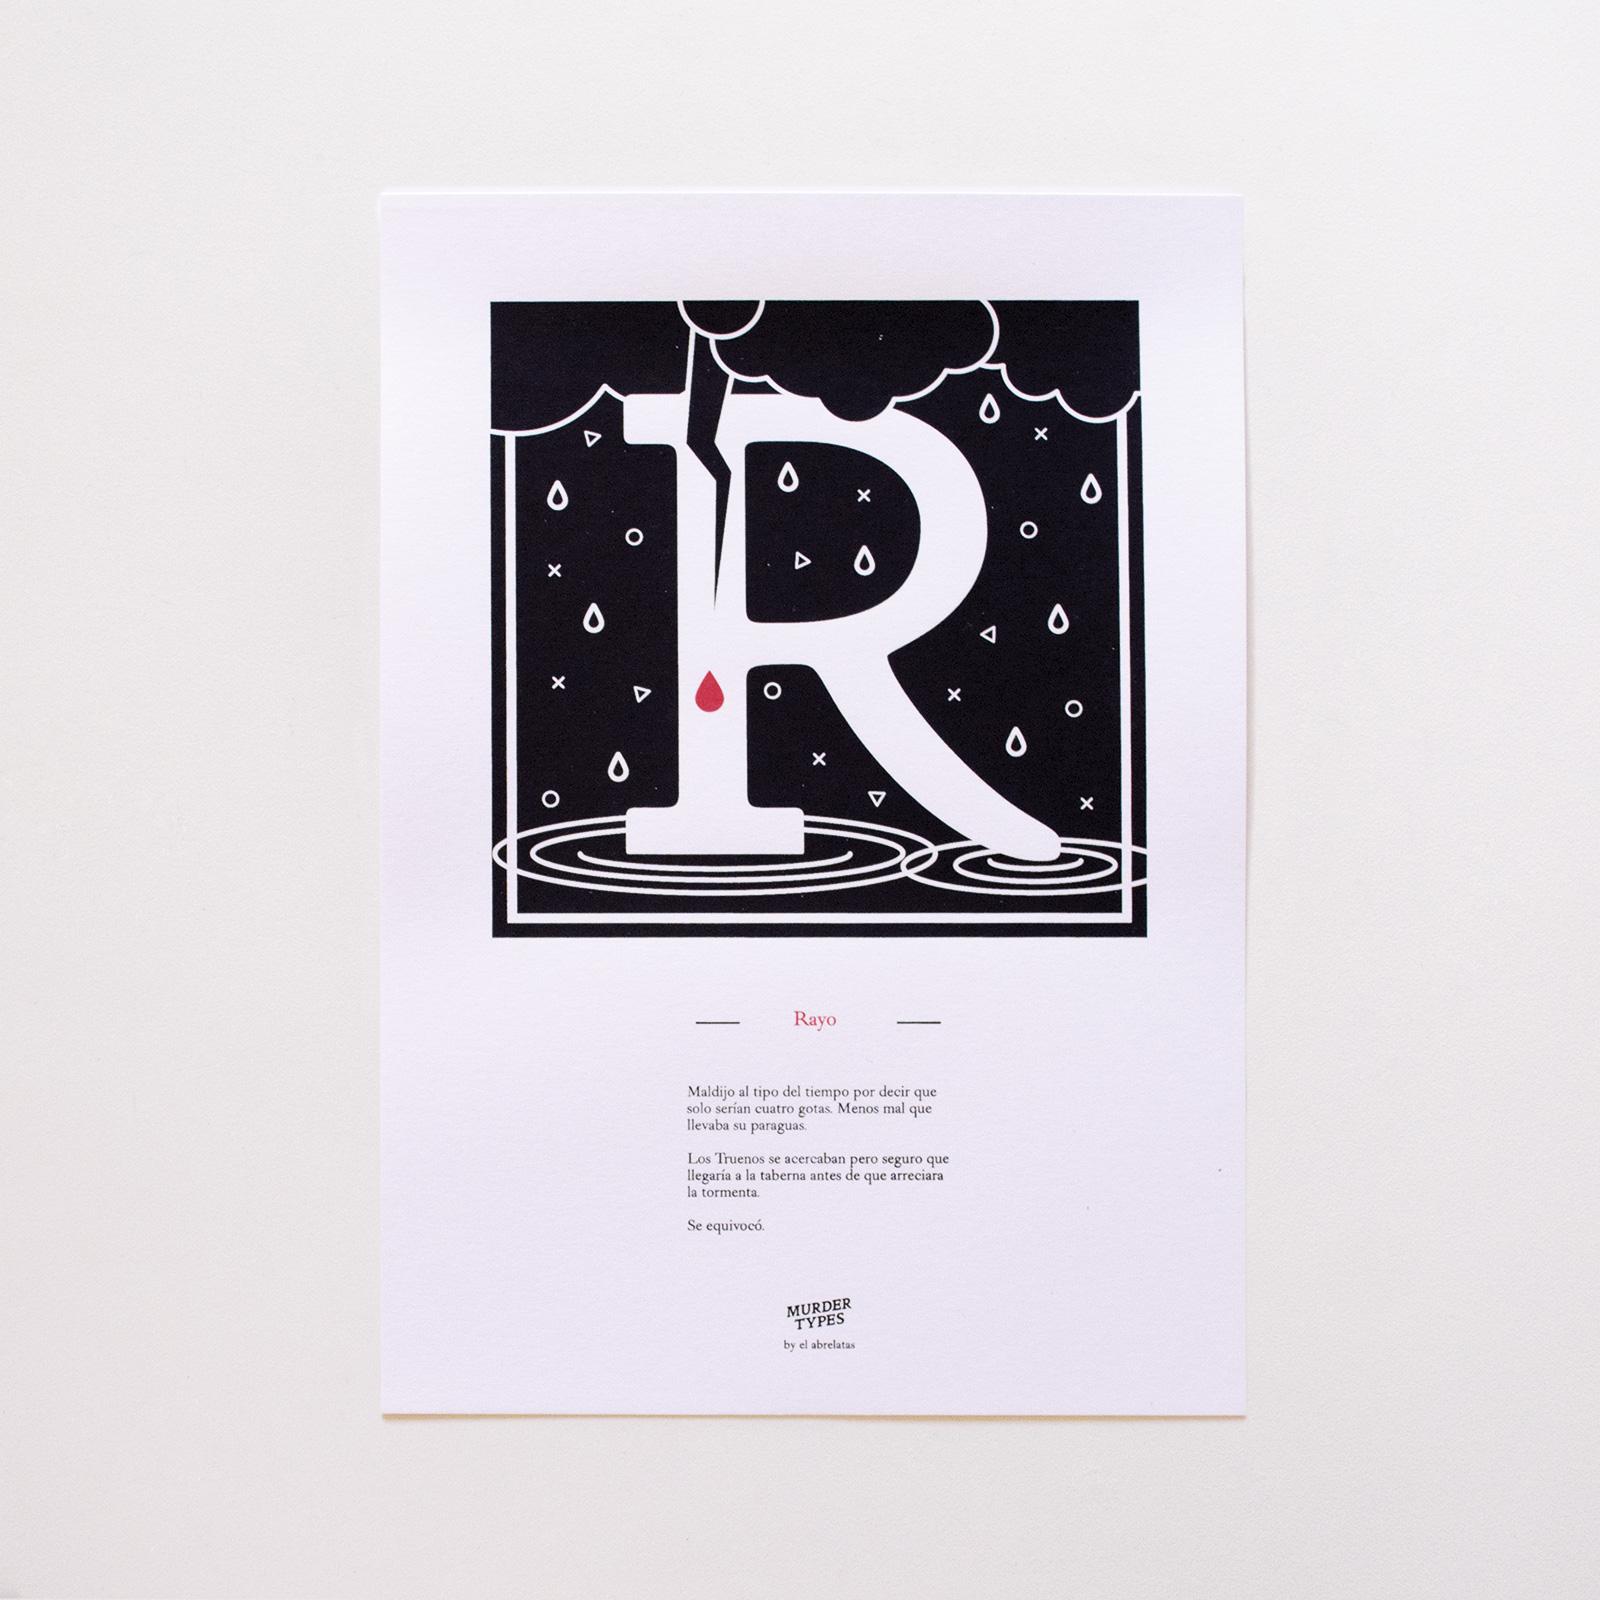 Lámina letra R - Proyecto de autoedición en serigrafía Murder Types